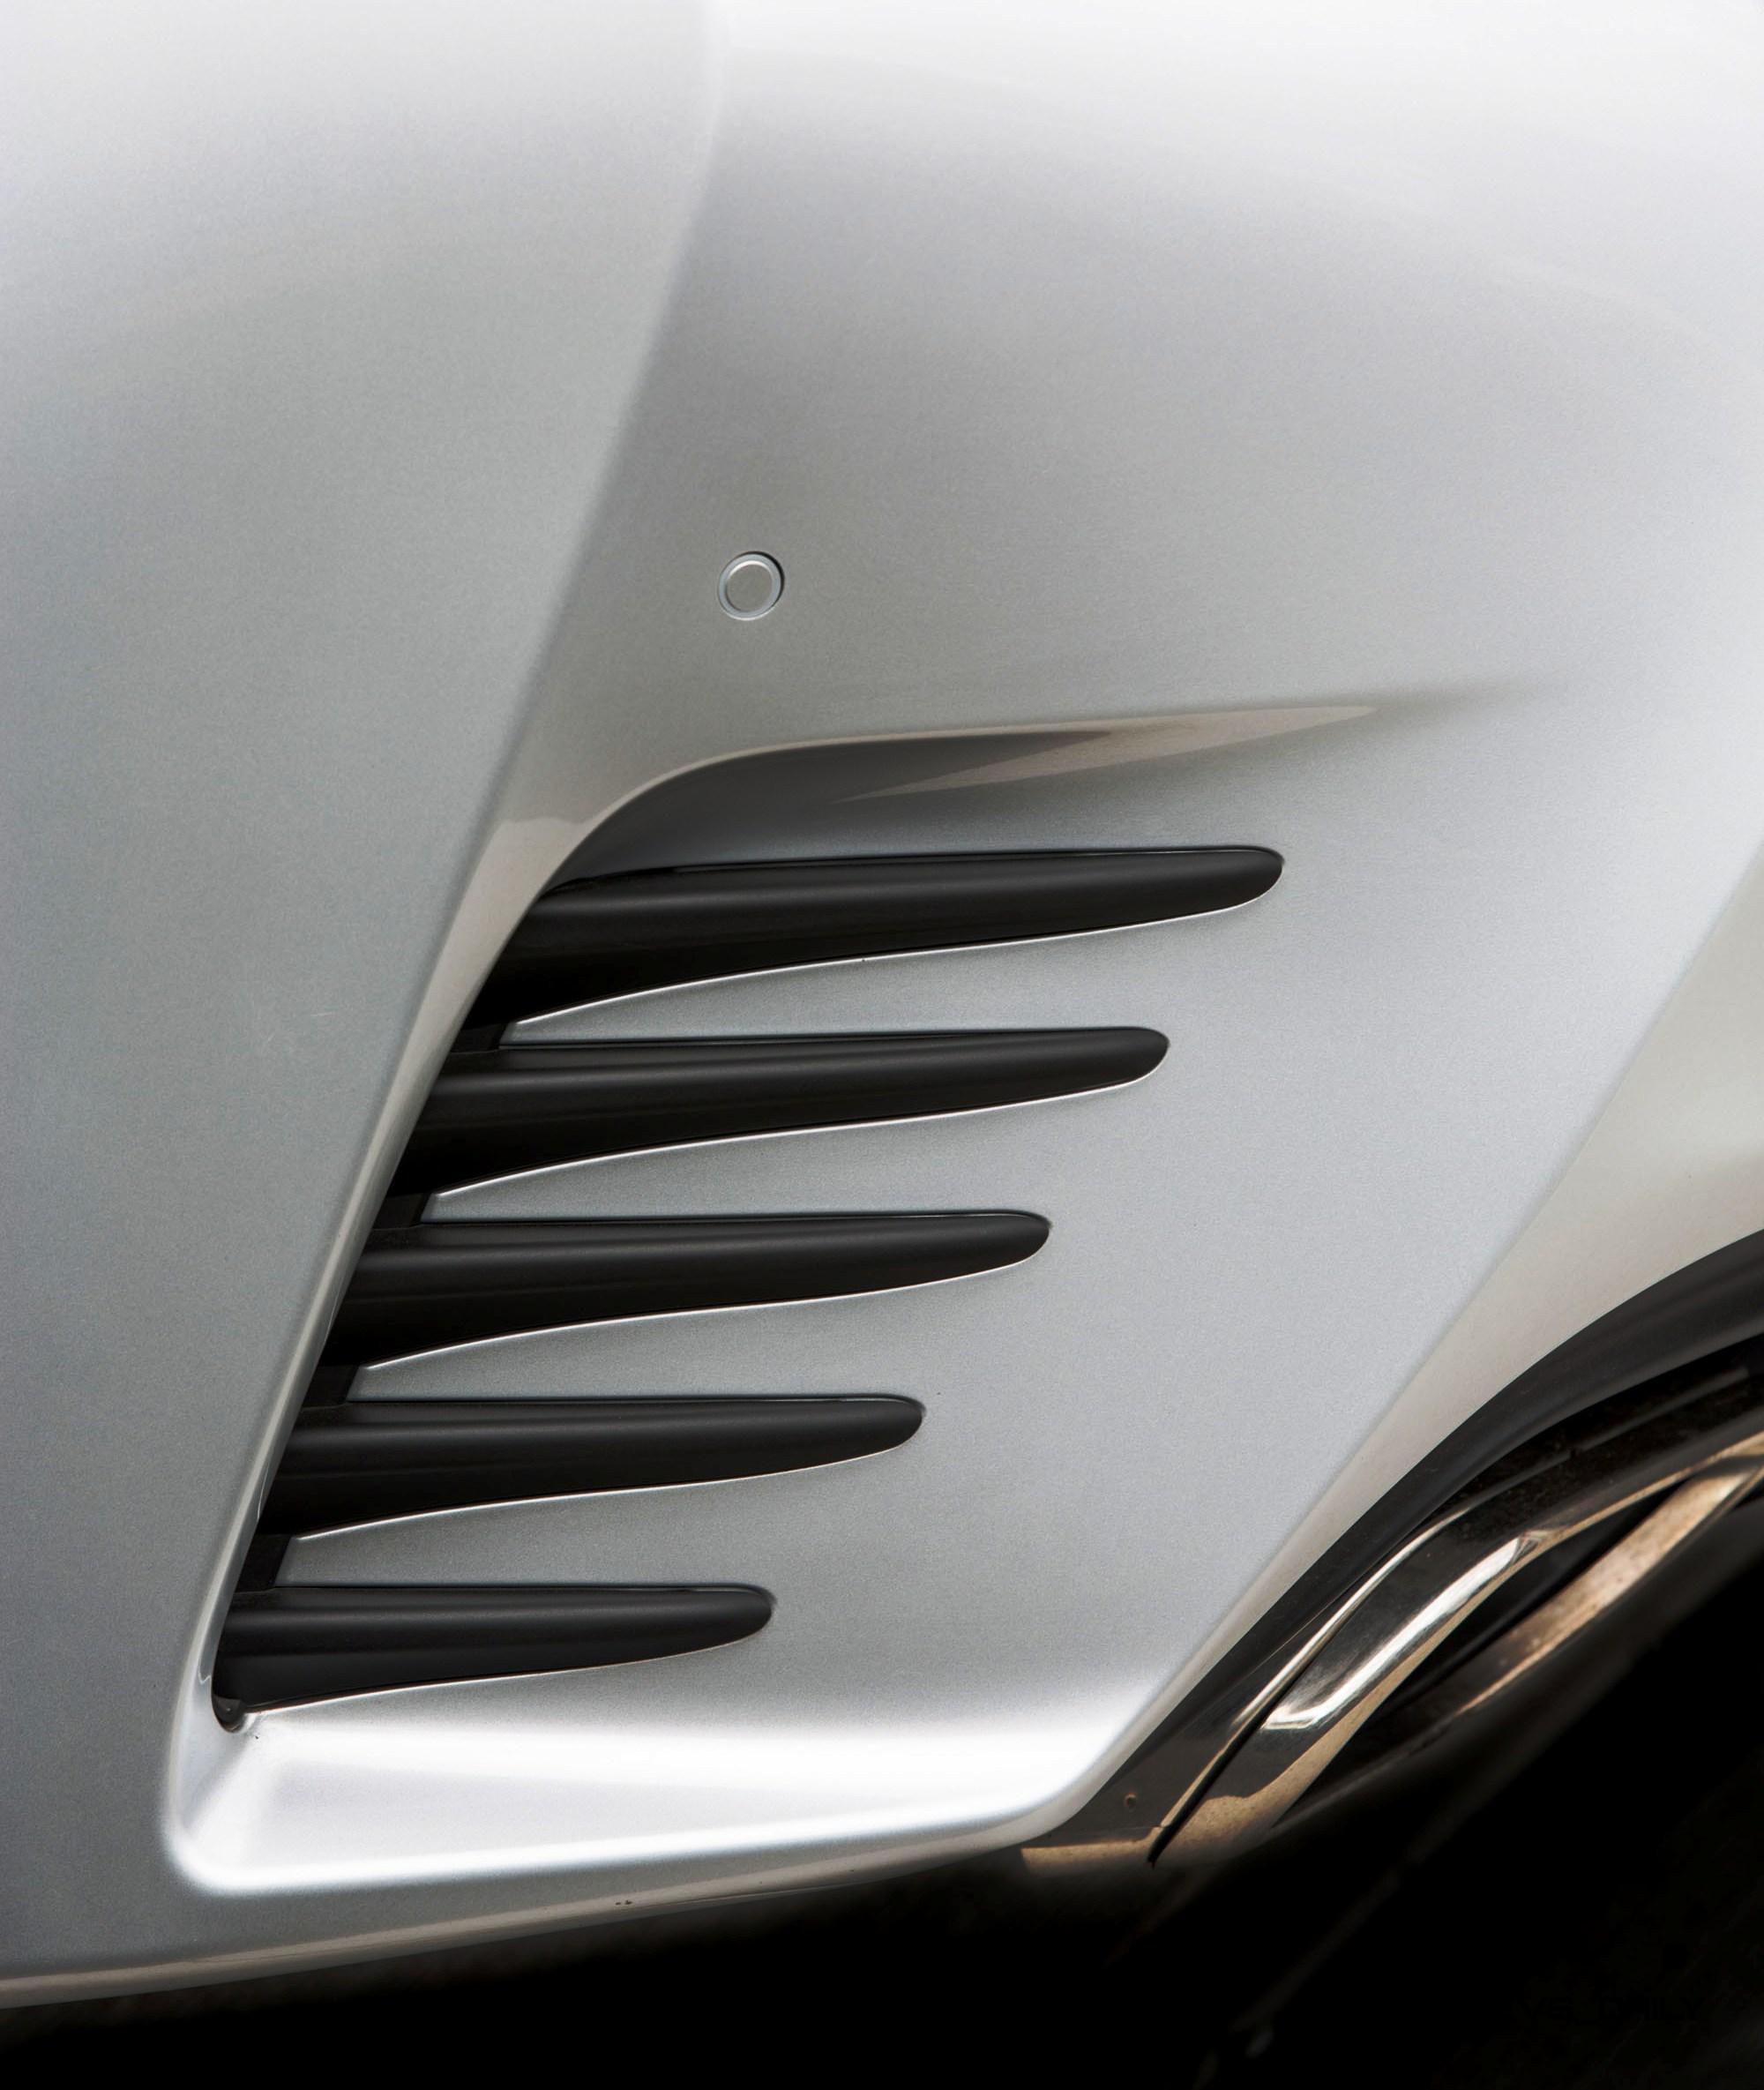 2015 Lexus Rc Suspension